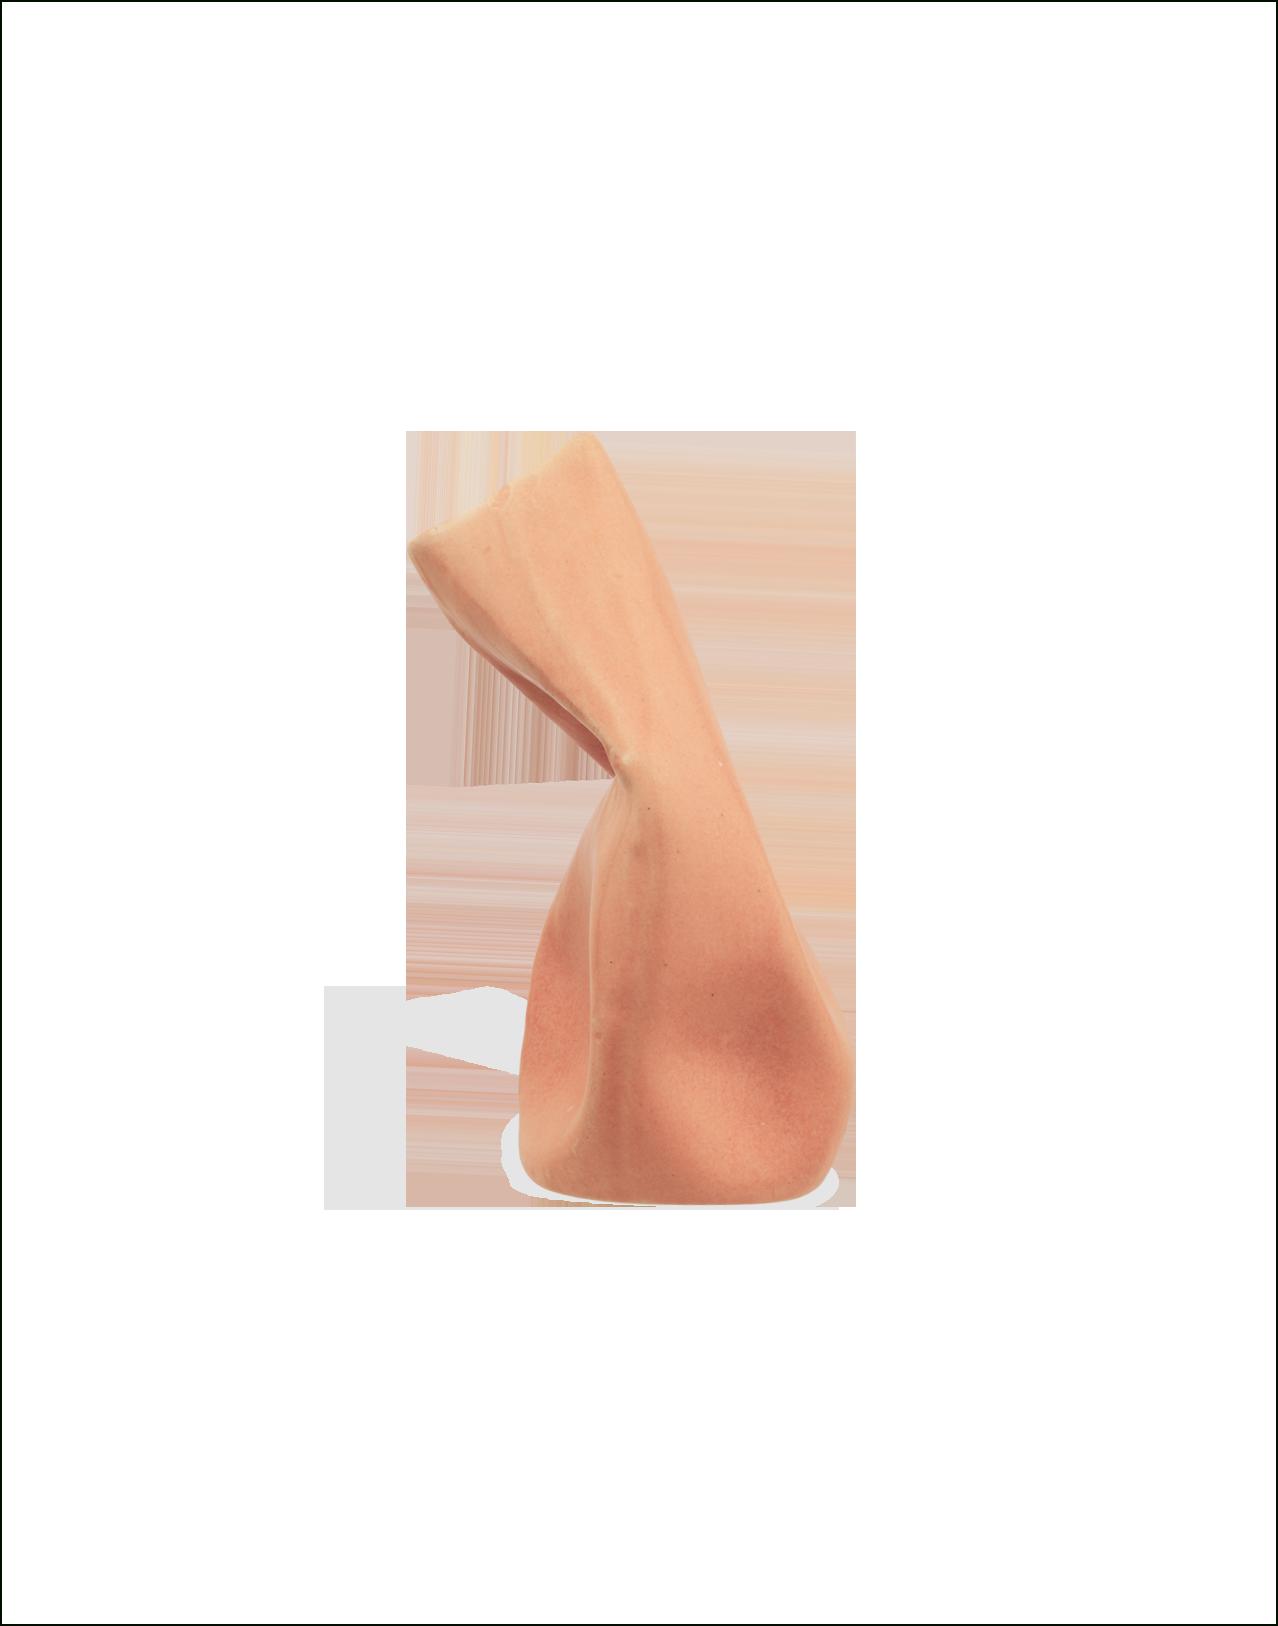 Completedworks-Ceramics-Object-22-2-1.png